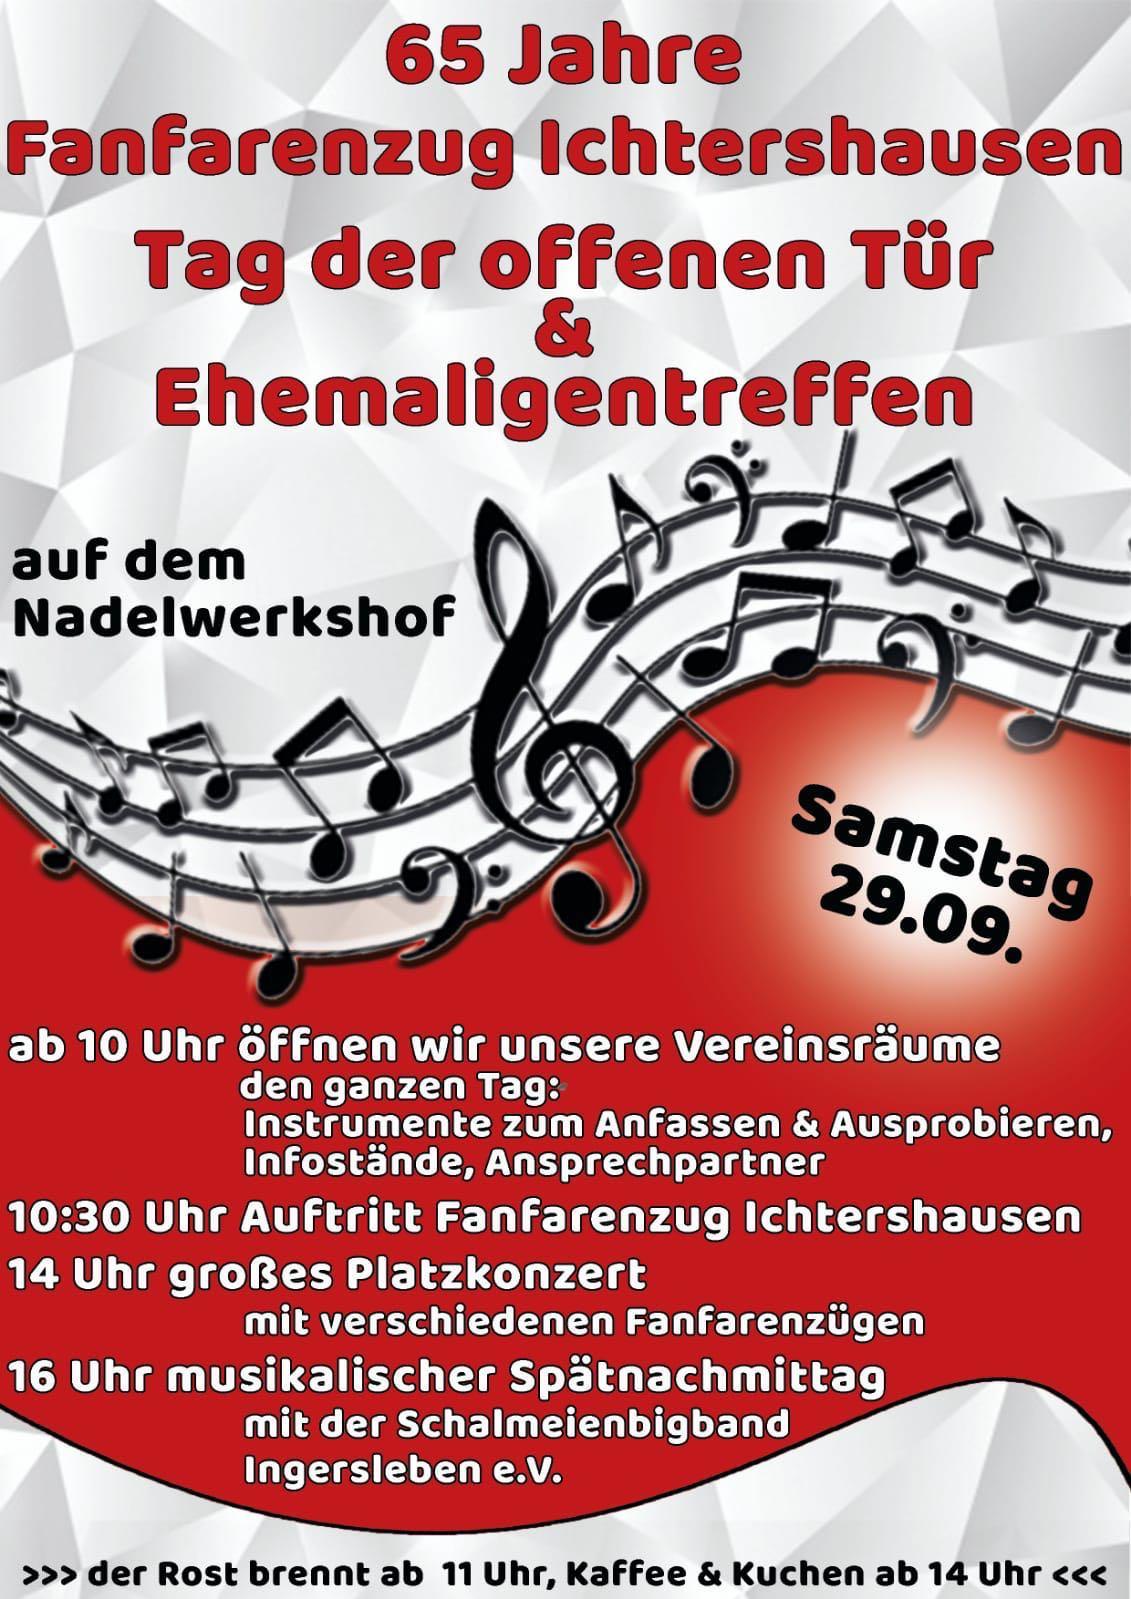 65 Jahre Fanfarenzug Ichtershausen - 65 Jahre Fanfarenzug Ichtershausen e. V.